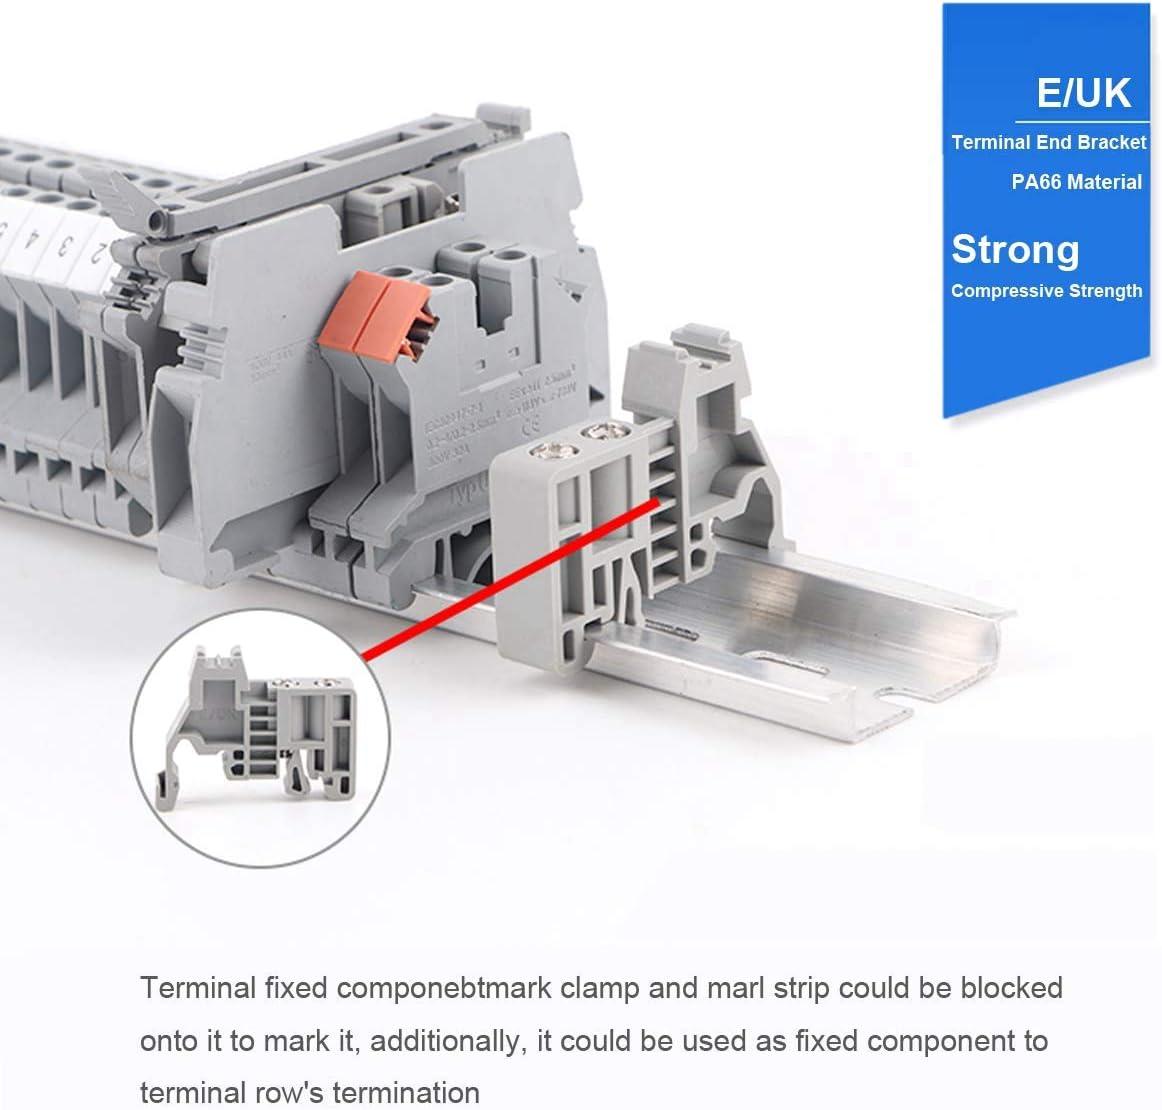 Sandis Kit de Borniers de Rail DIN Blocs de Mise /à la Terre Bornier Uk5N Rails en Aluminium Supports DExtr/éMit/é E//Uk Capuchons DExtr/éMit/é D-Uk Kits de Cavaliers de Pont